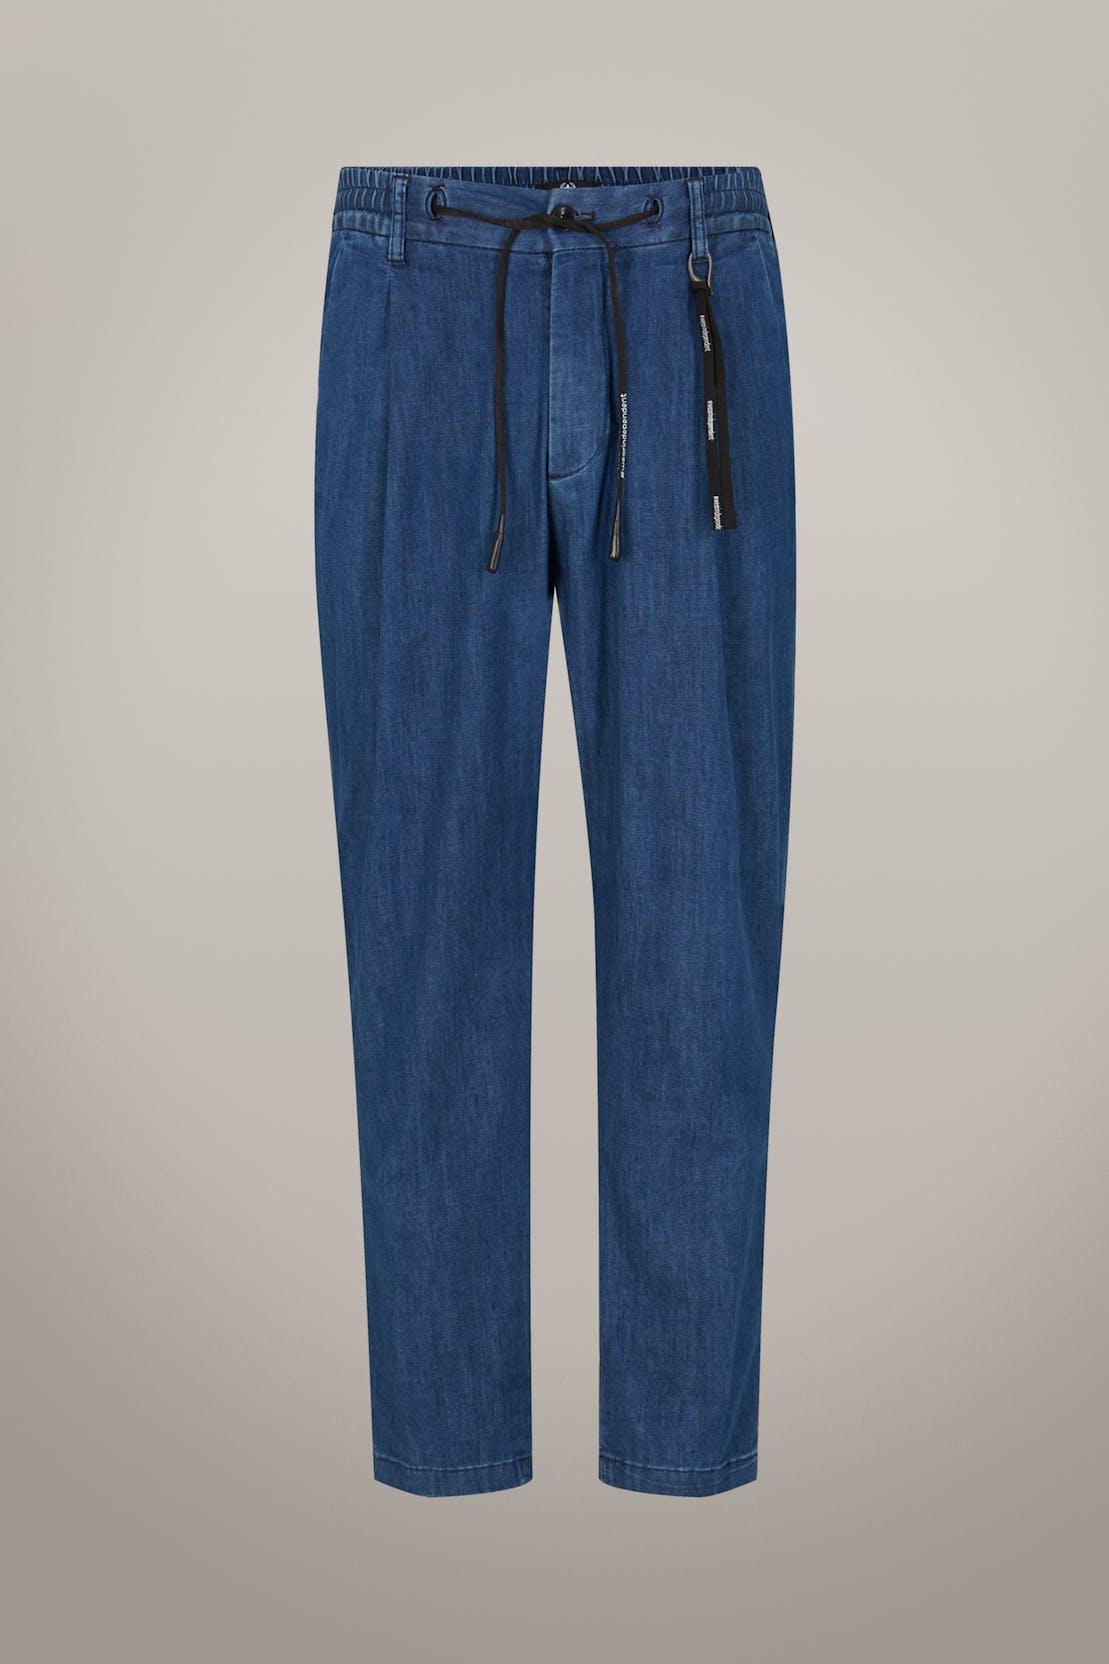 Pantalon de jogging style denim Bashy, bleu moyen